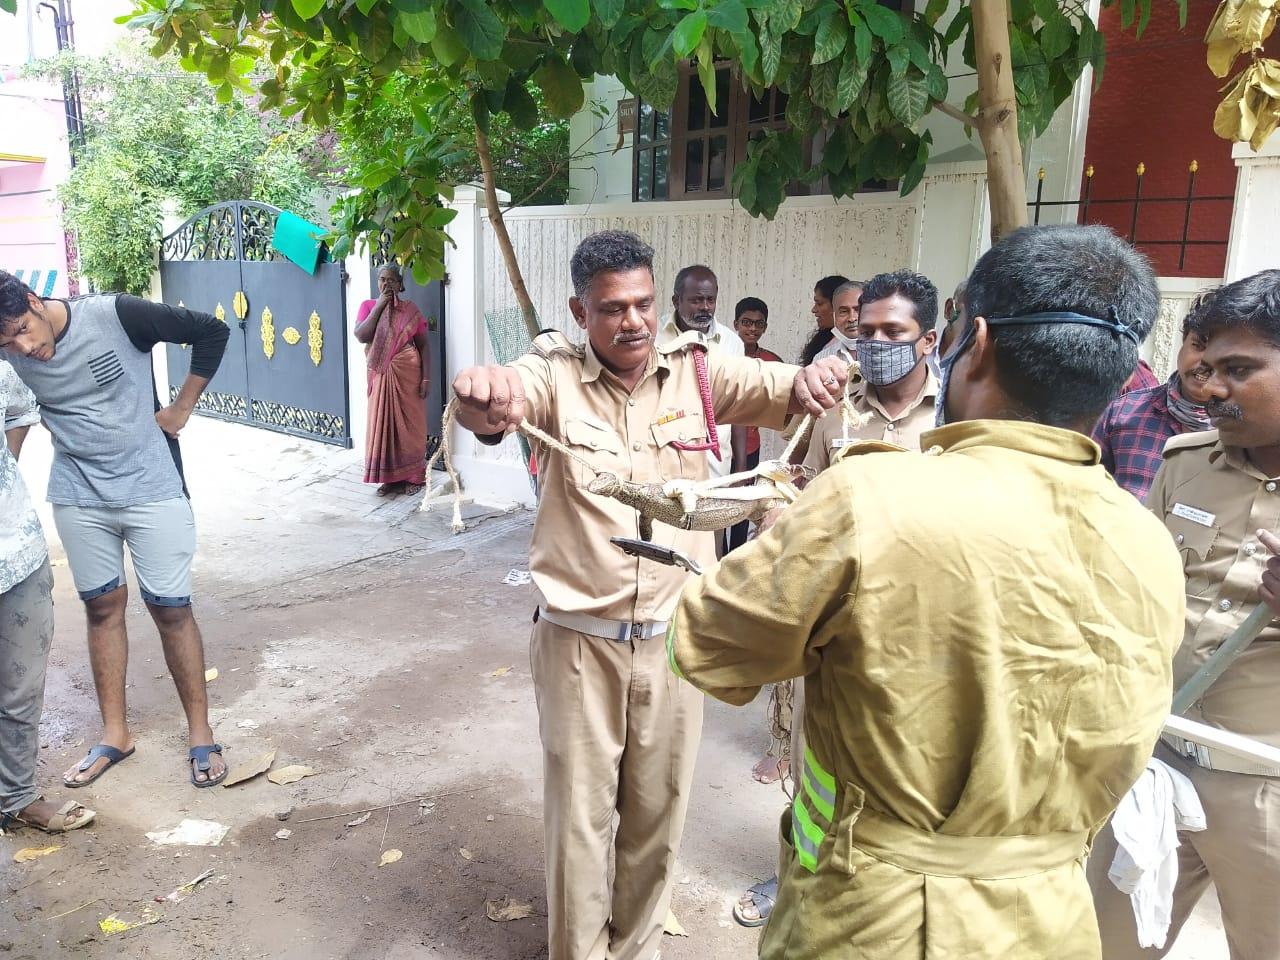 வீட்டுக்குள் புகுந்த உடும்பு : பிடித்த தீயணைப்புத் துறையினர்.!